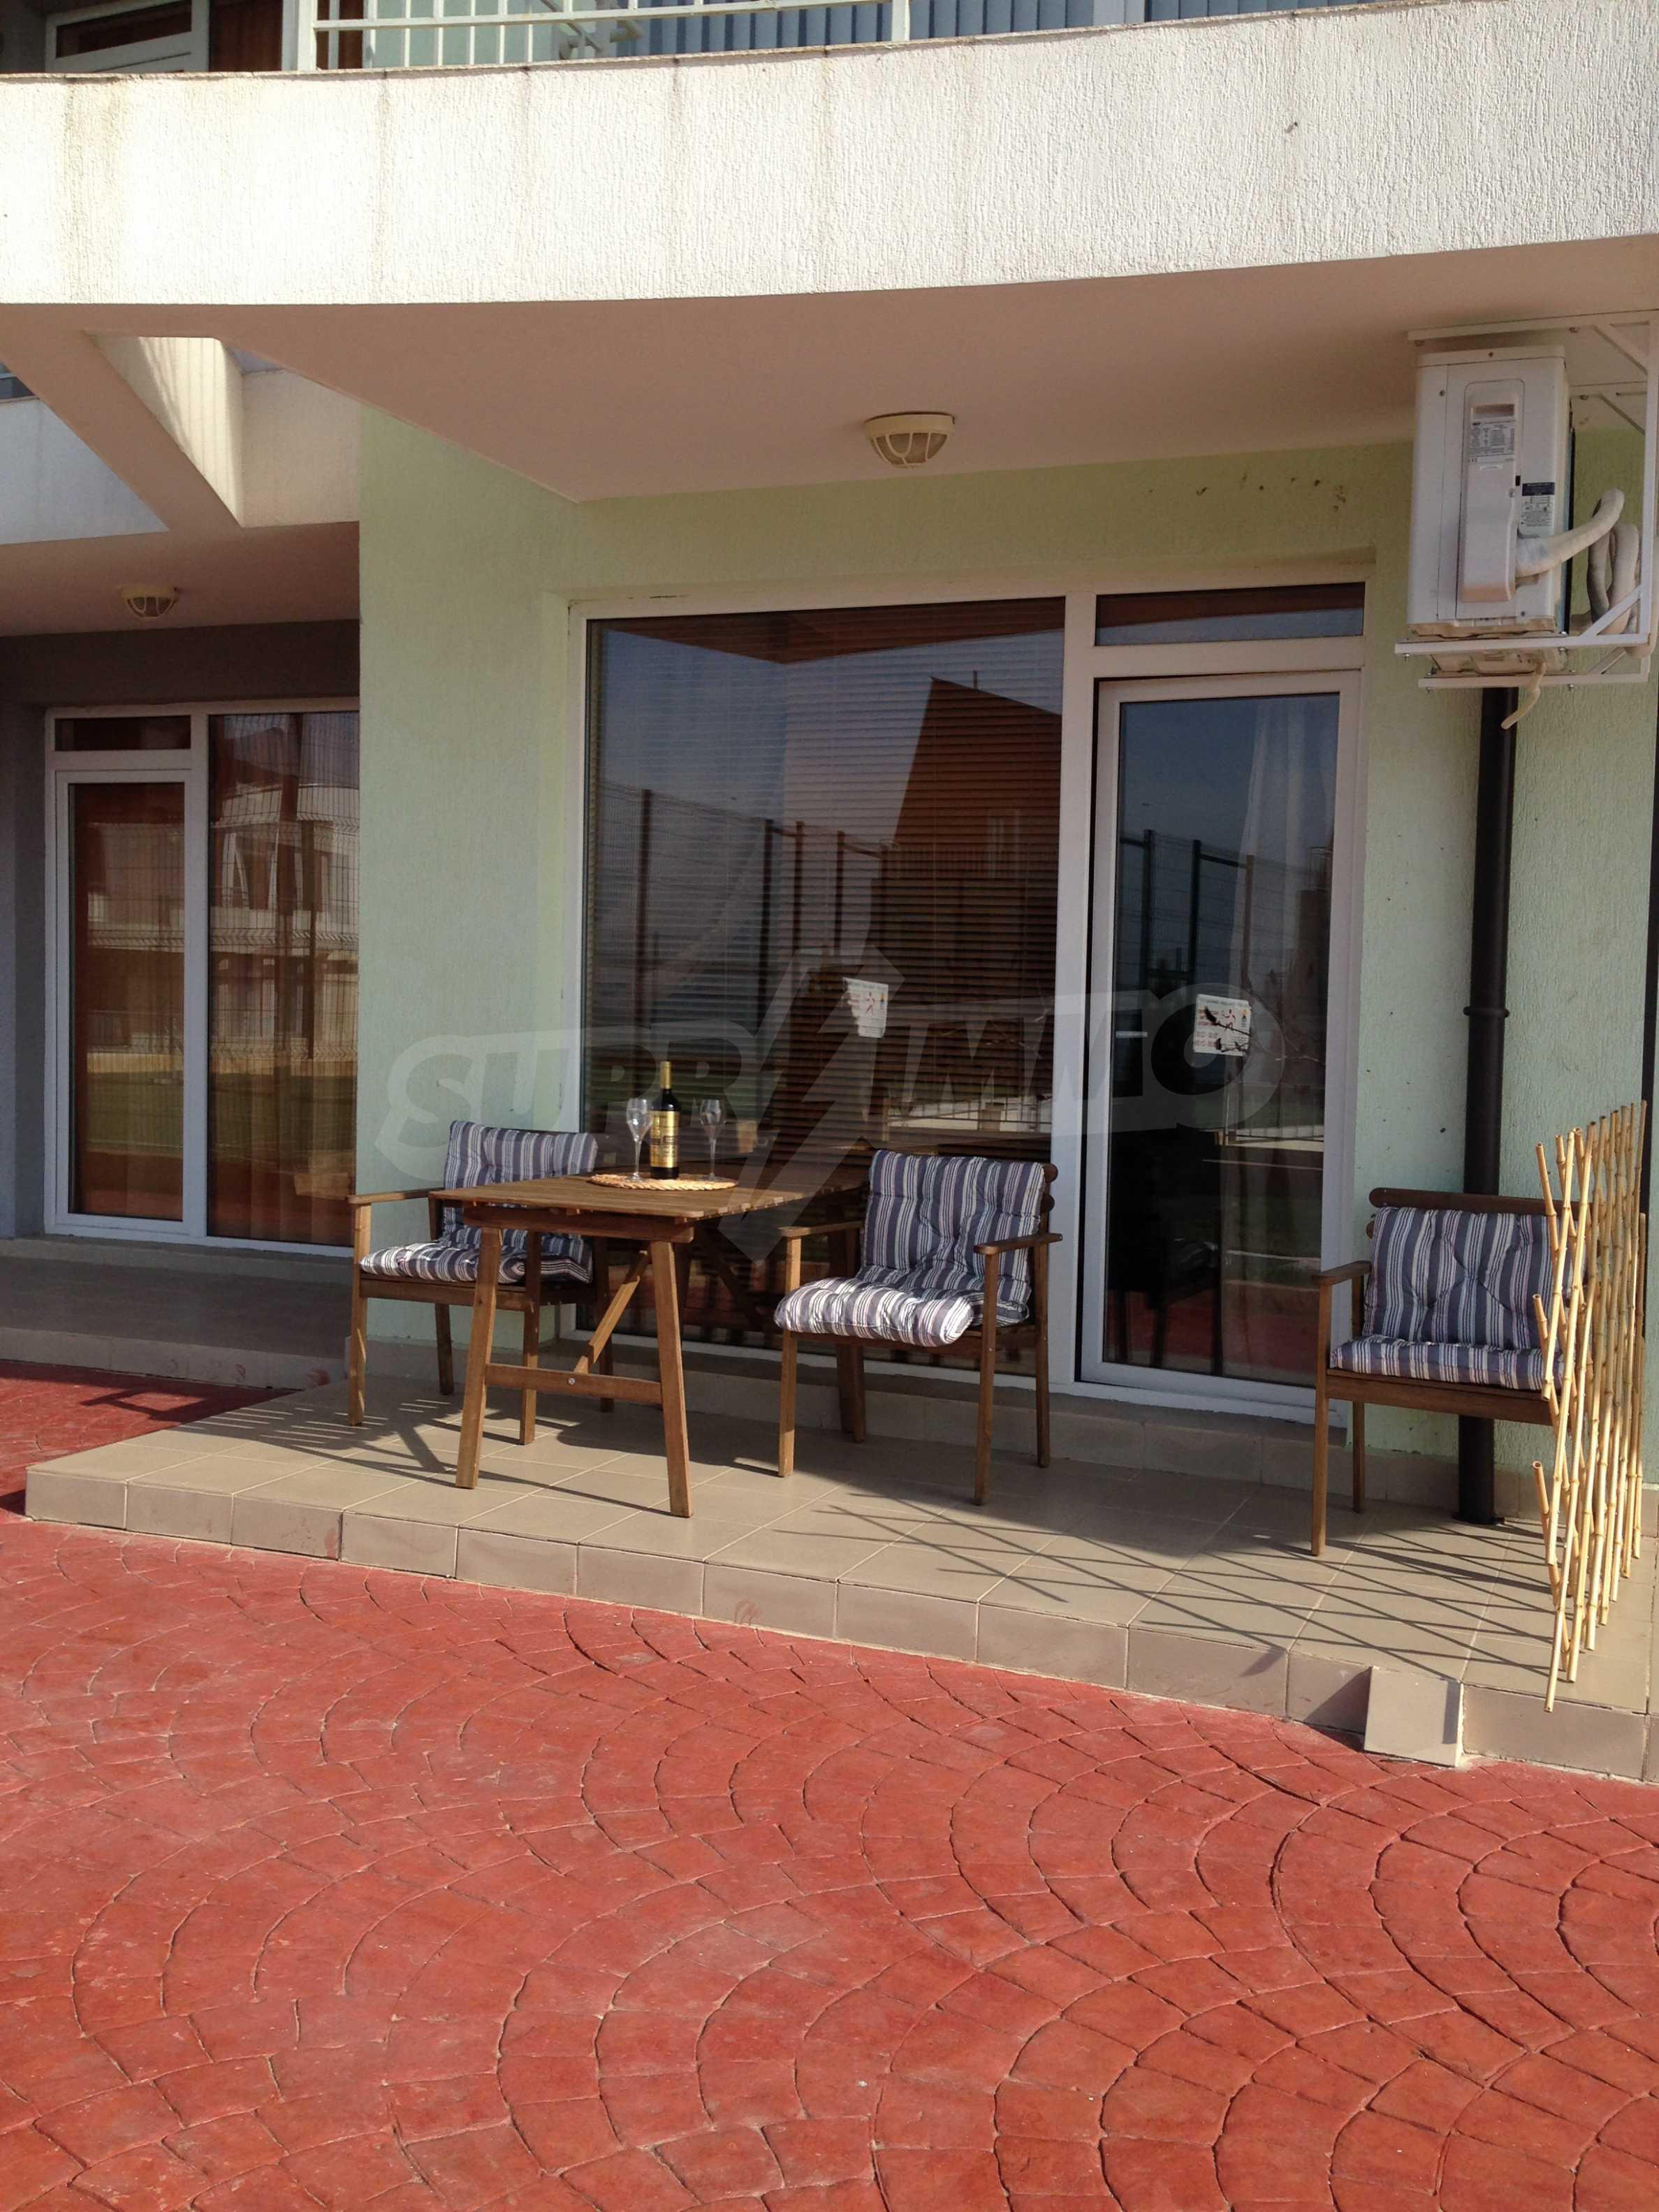 Apartment mit 1 Schlafzimmer in der Nähe von Sonnenstrand 12